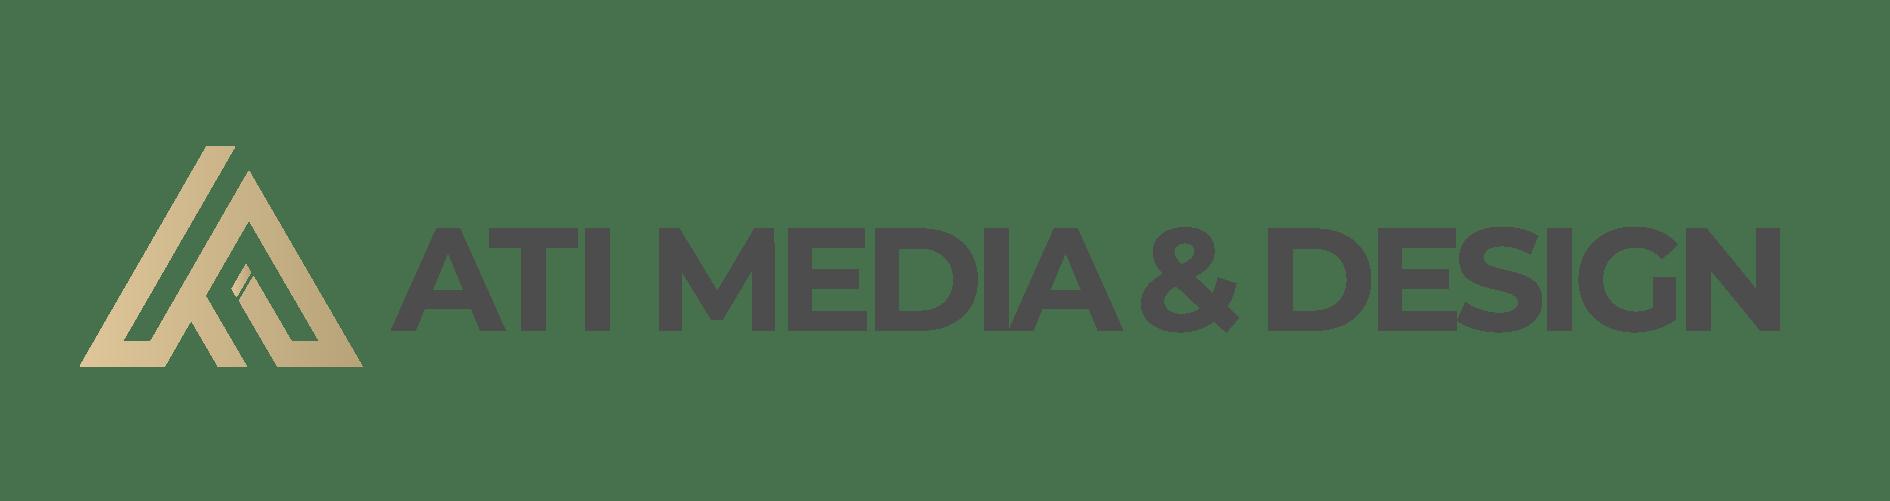 ATI Media & Design